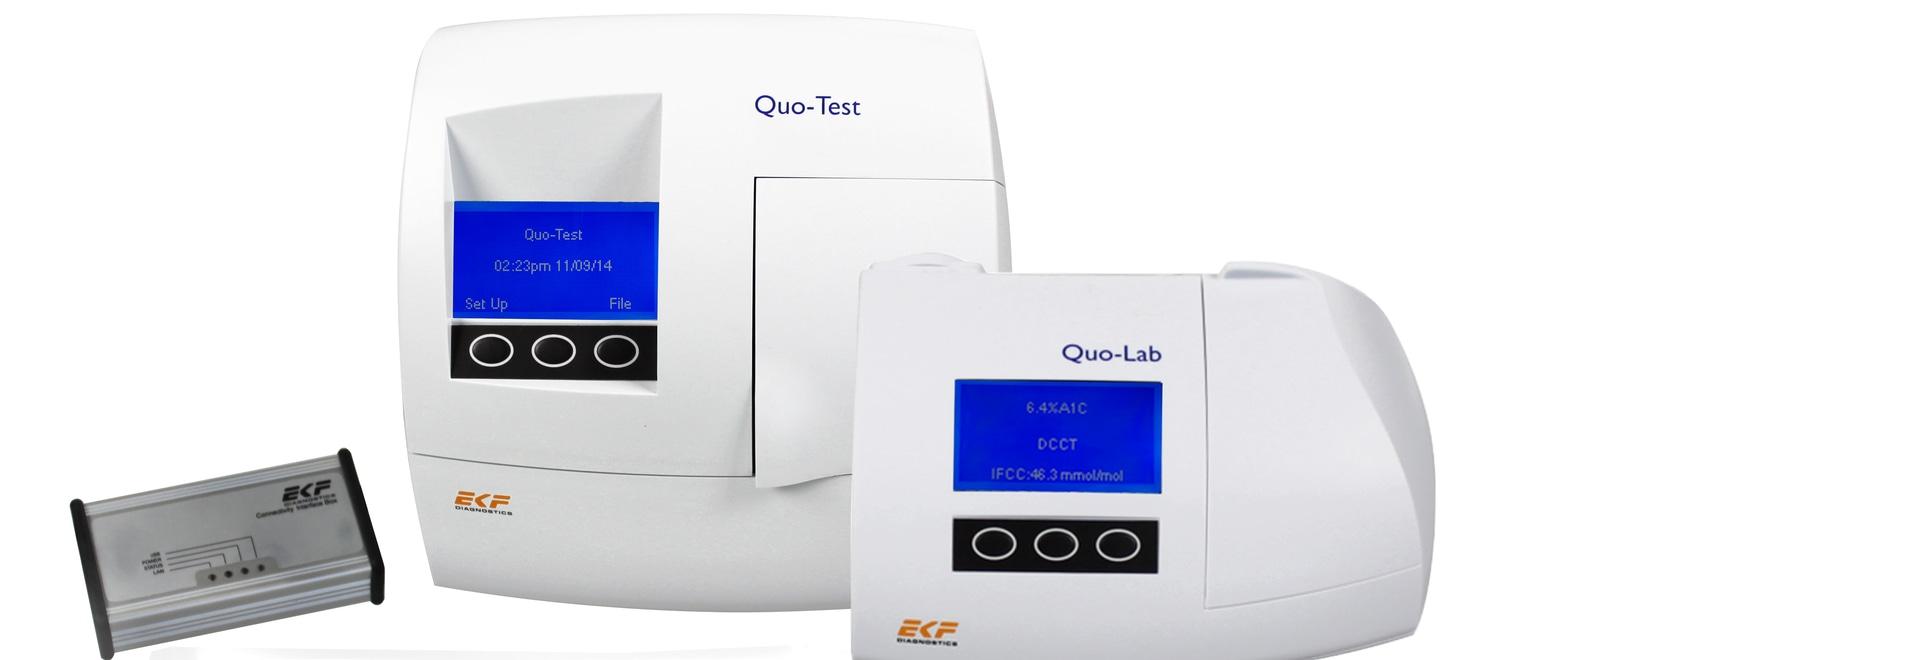 Quo-prueba A1c